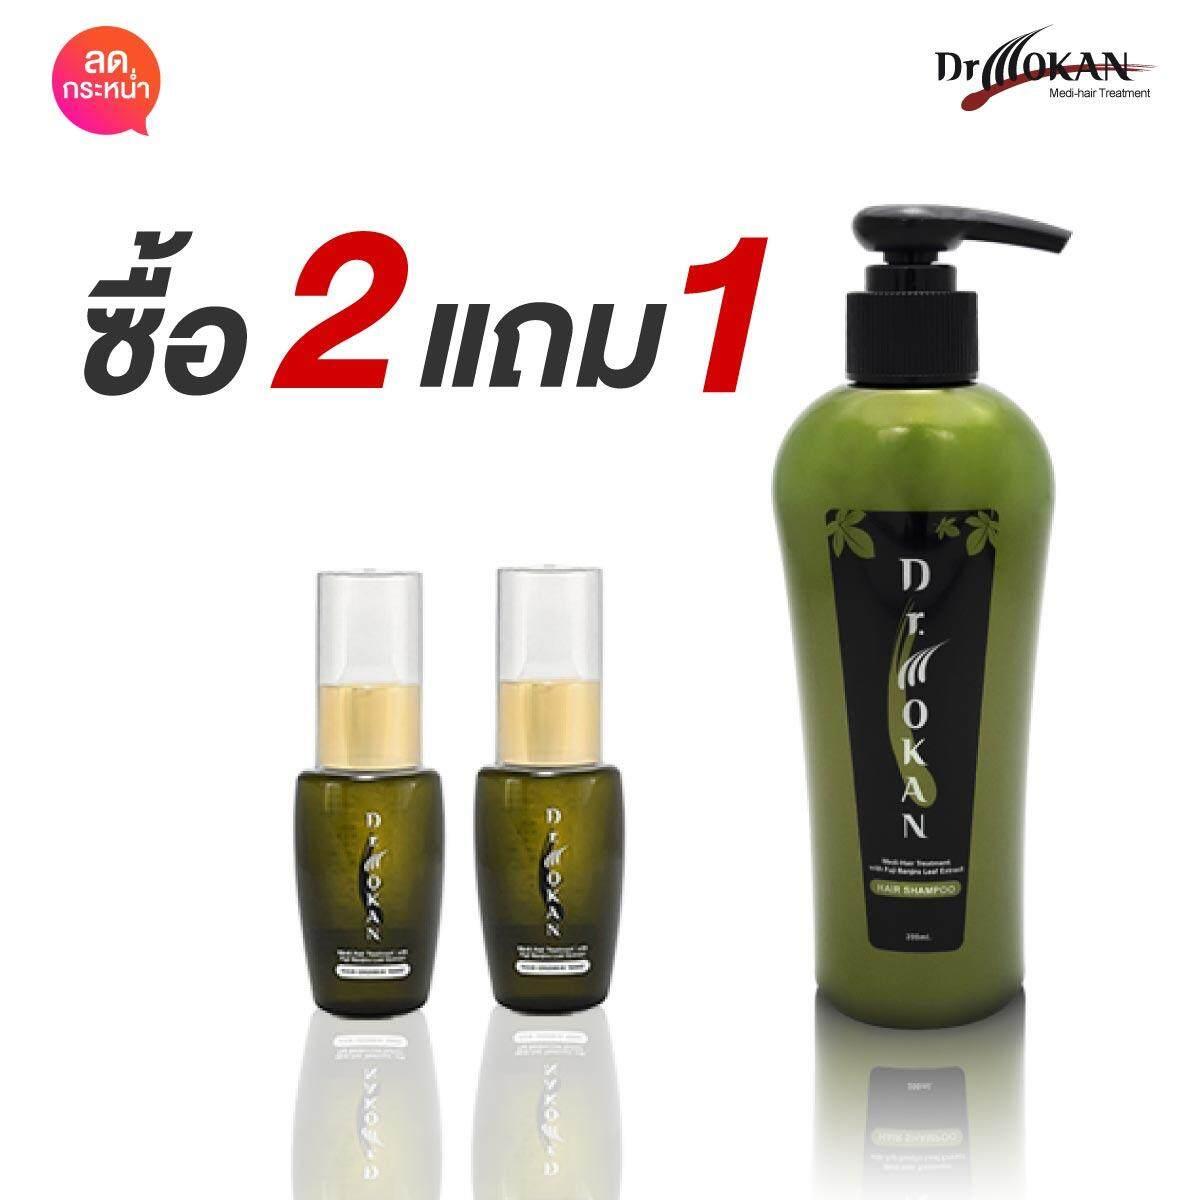 ส่วนลด Dr Mokan Green Tonic 30Ml 2 ขวด ฟรี Shampoo 200Ml 1 ขวด Dr Mokan กรุงเทพมหานคร